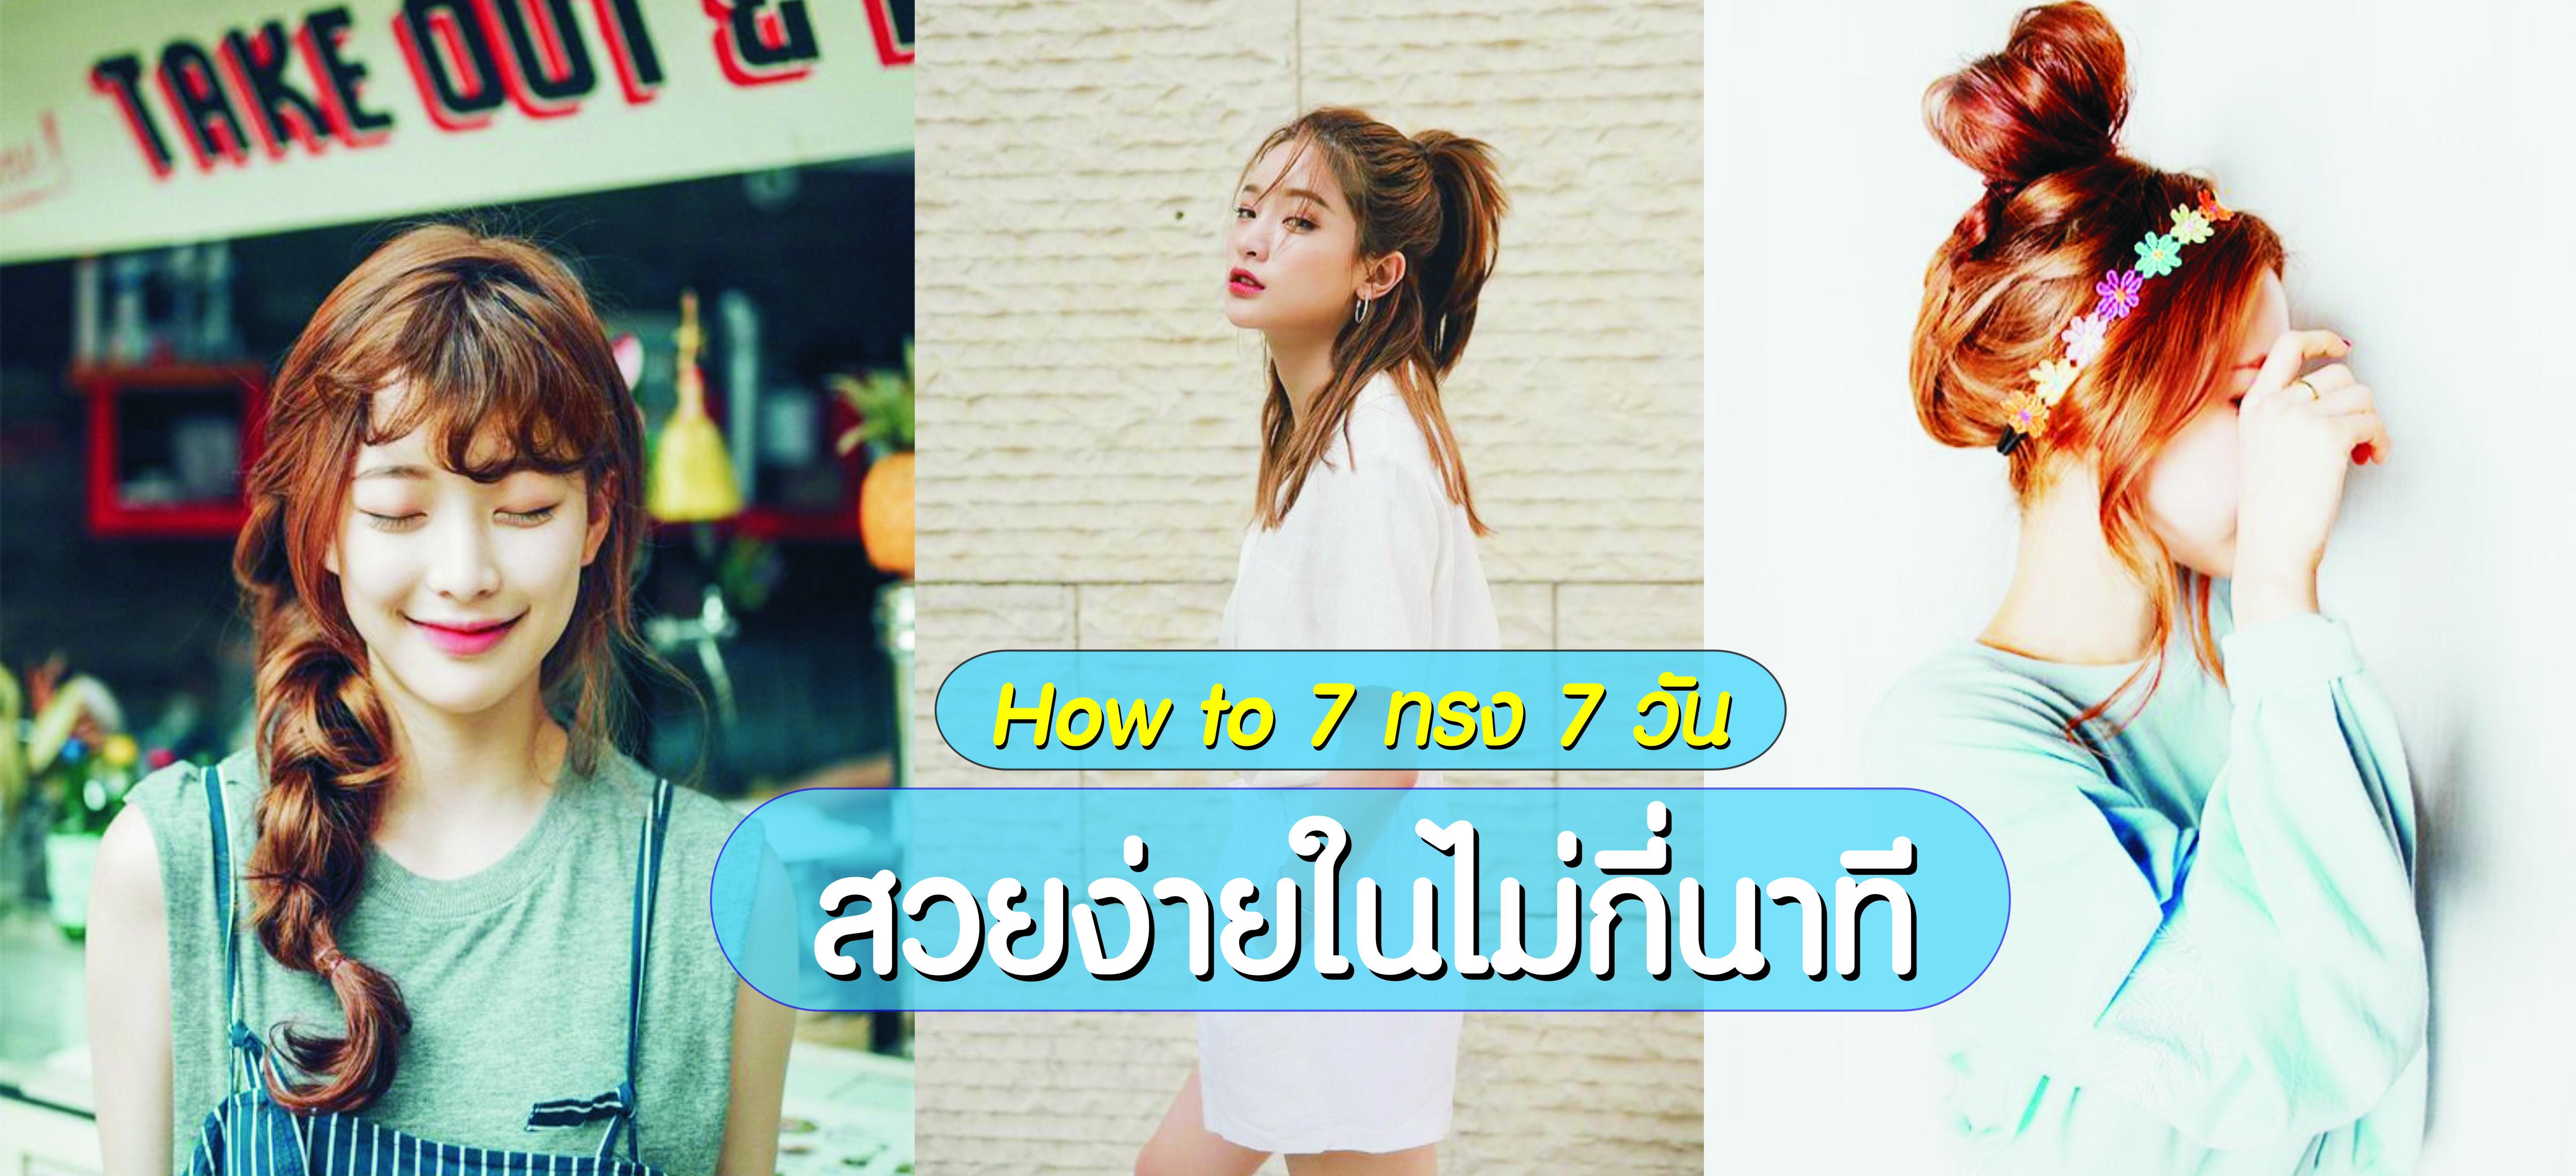 How to: 7 ทรง 7 วัน สวยง่ายในไม่กี่นาที! Favful